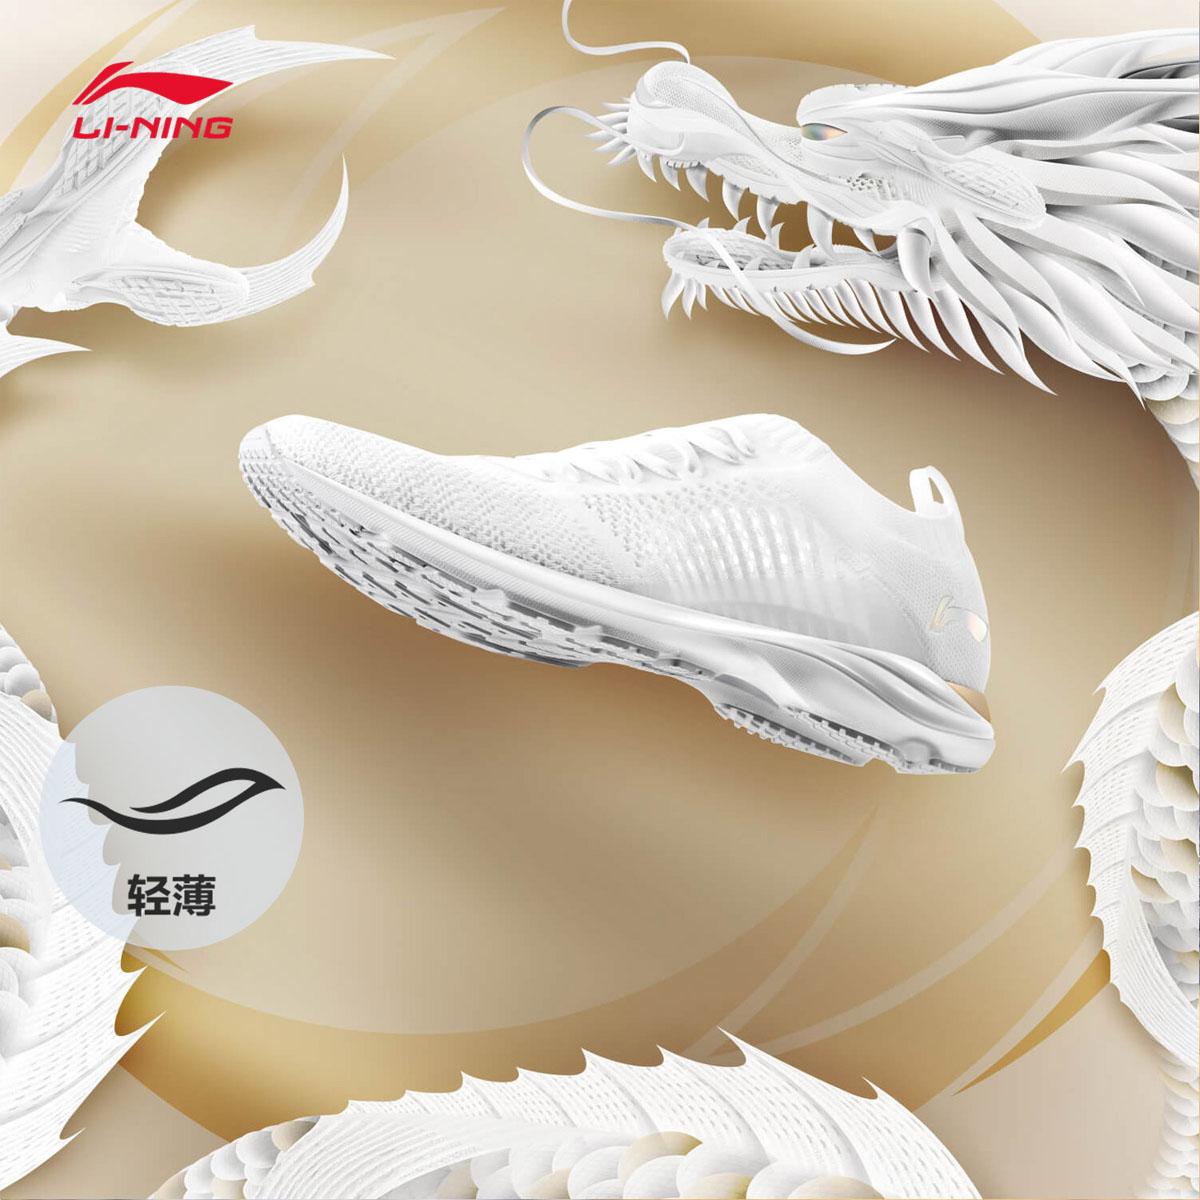 李宁运动鞋女官网新款超轻15代轻质袜子女鞋情侣鞋秋冬季跑步鞋